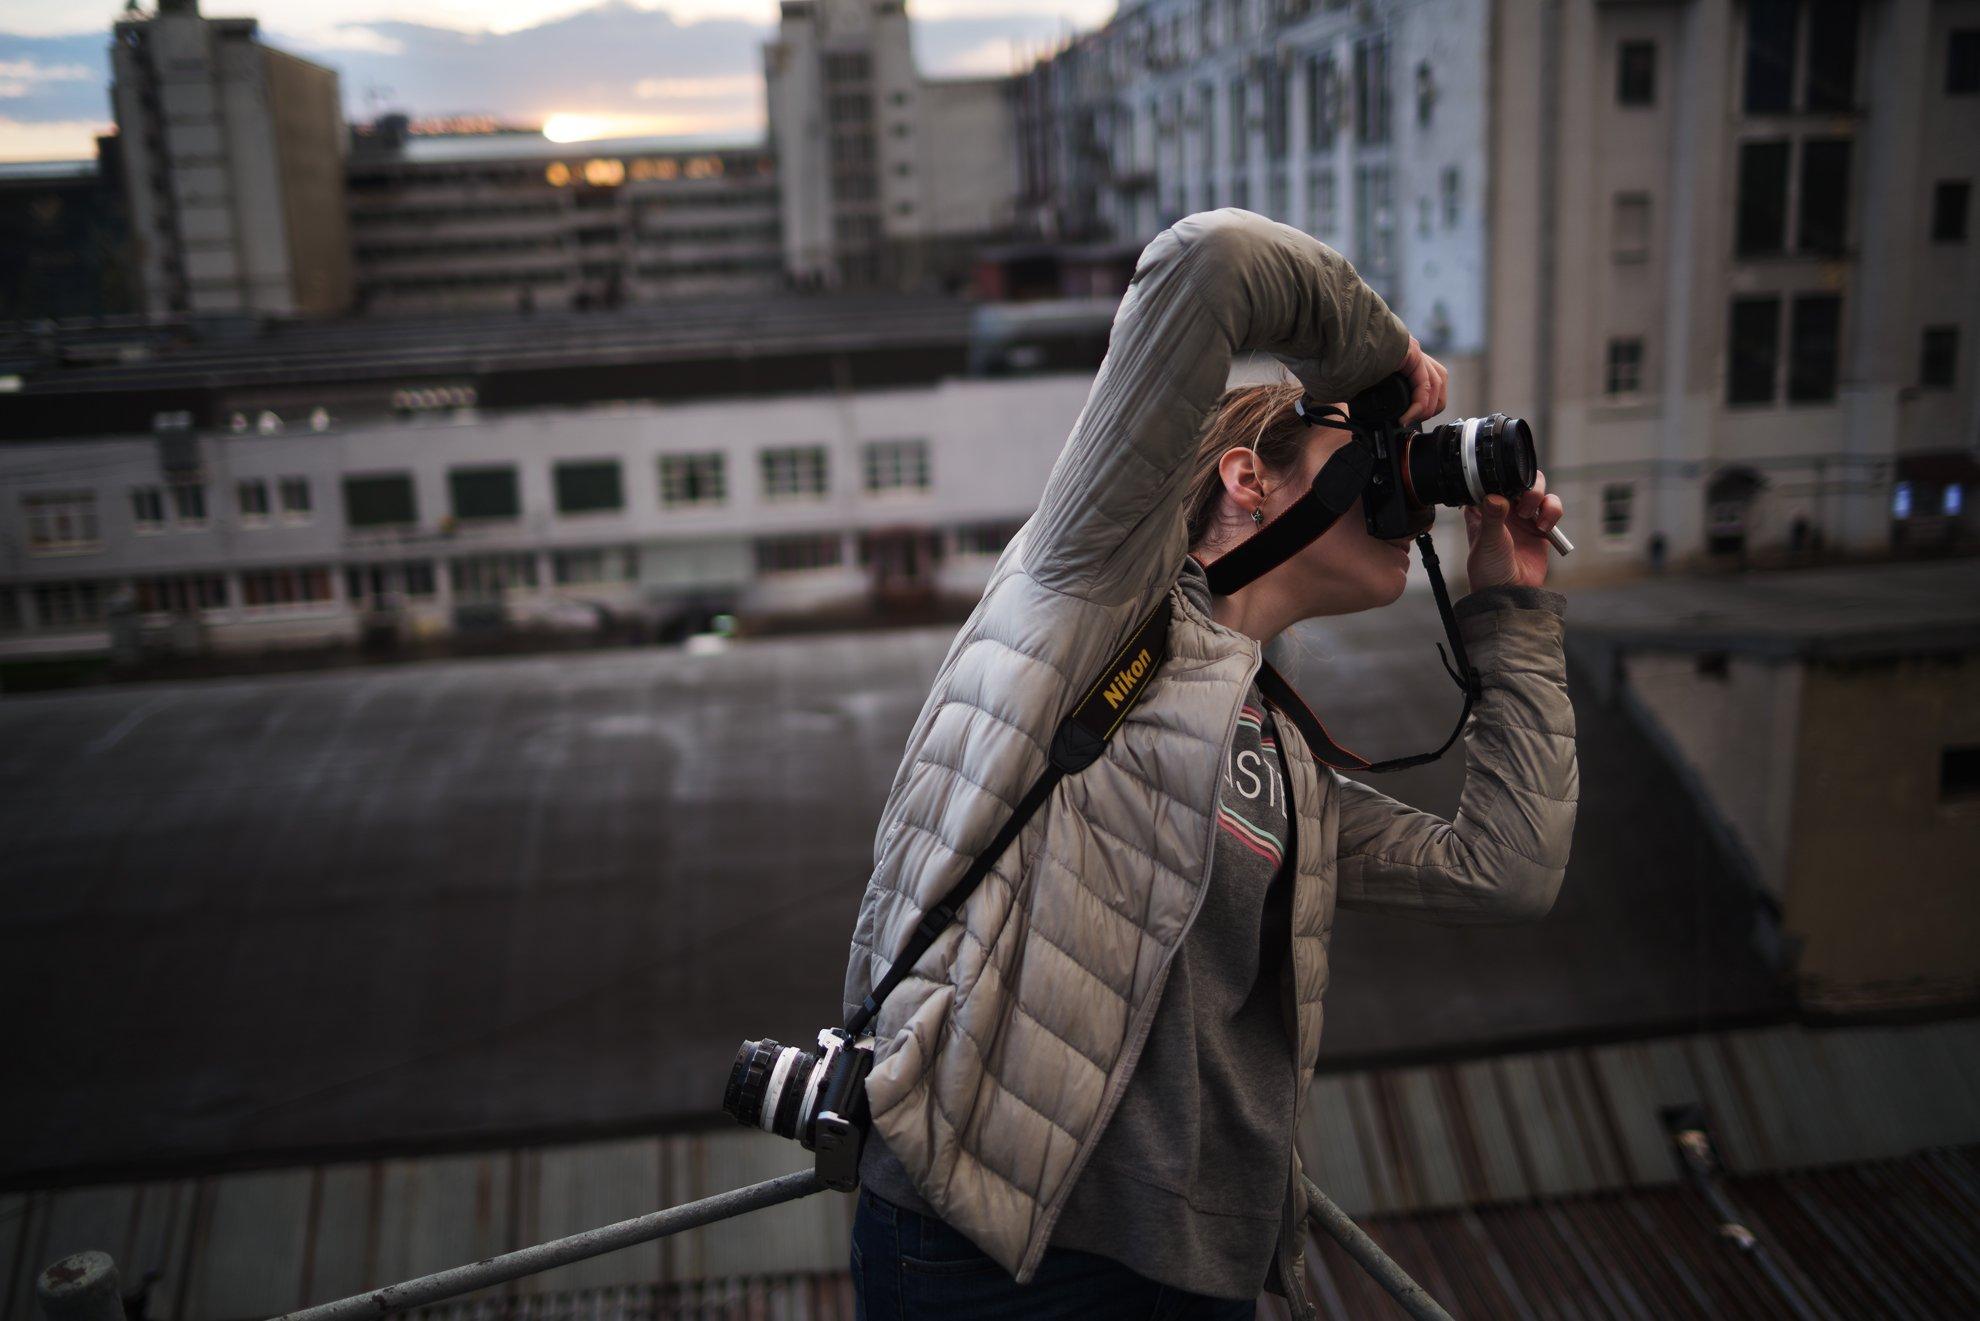 крыша, углы, фотограф, Егоров Алексей